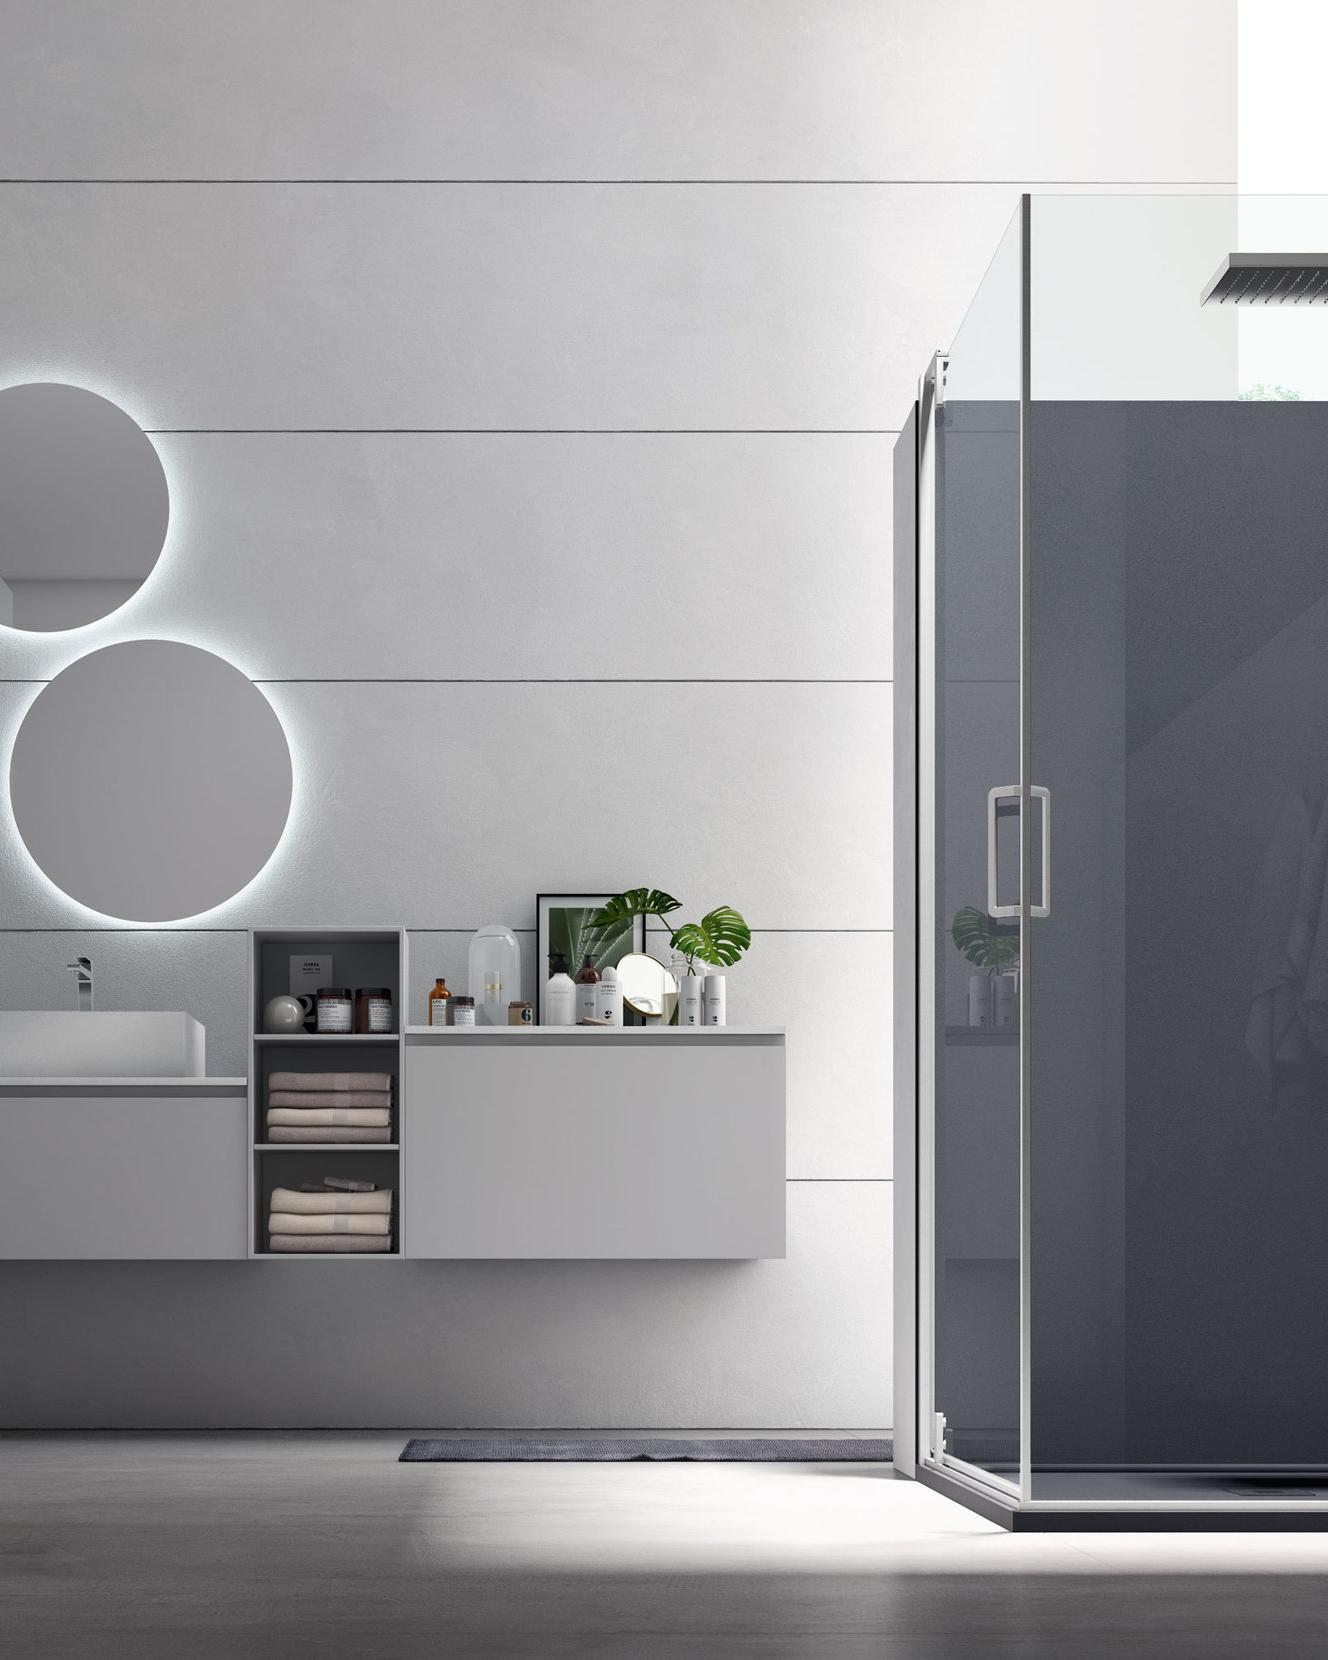 PANNELLI COORDINATI - I pannelli per rivestire le pareti sono la soluzione ideale per tamponare lo spazio di una vecchia vasca o come semplice scelta di stile, mantenendo la continuità delle superfici e creando un tutt'uno col piatto doccia.